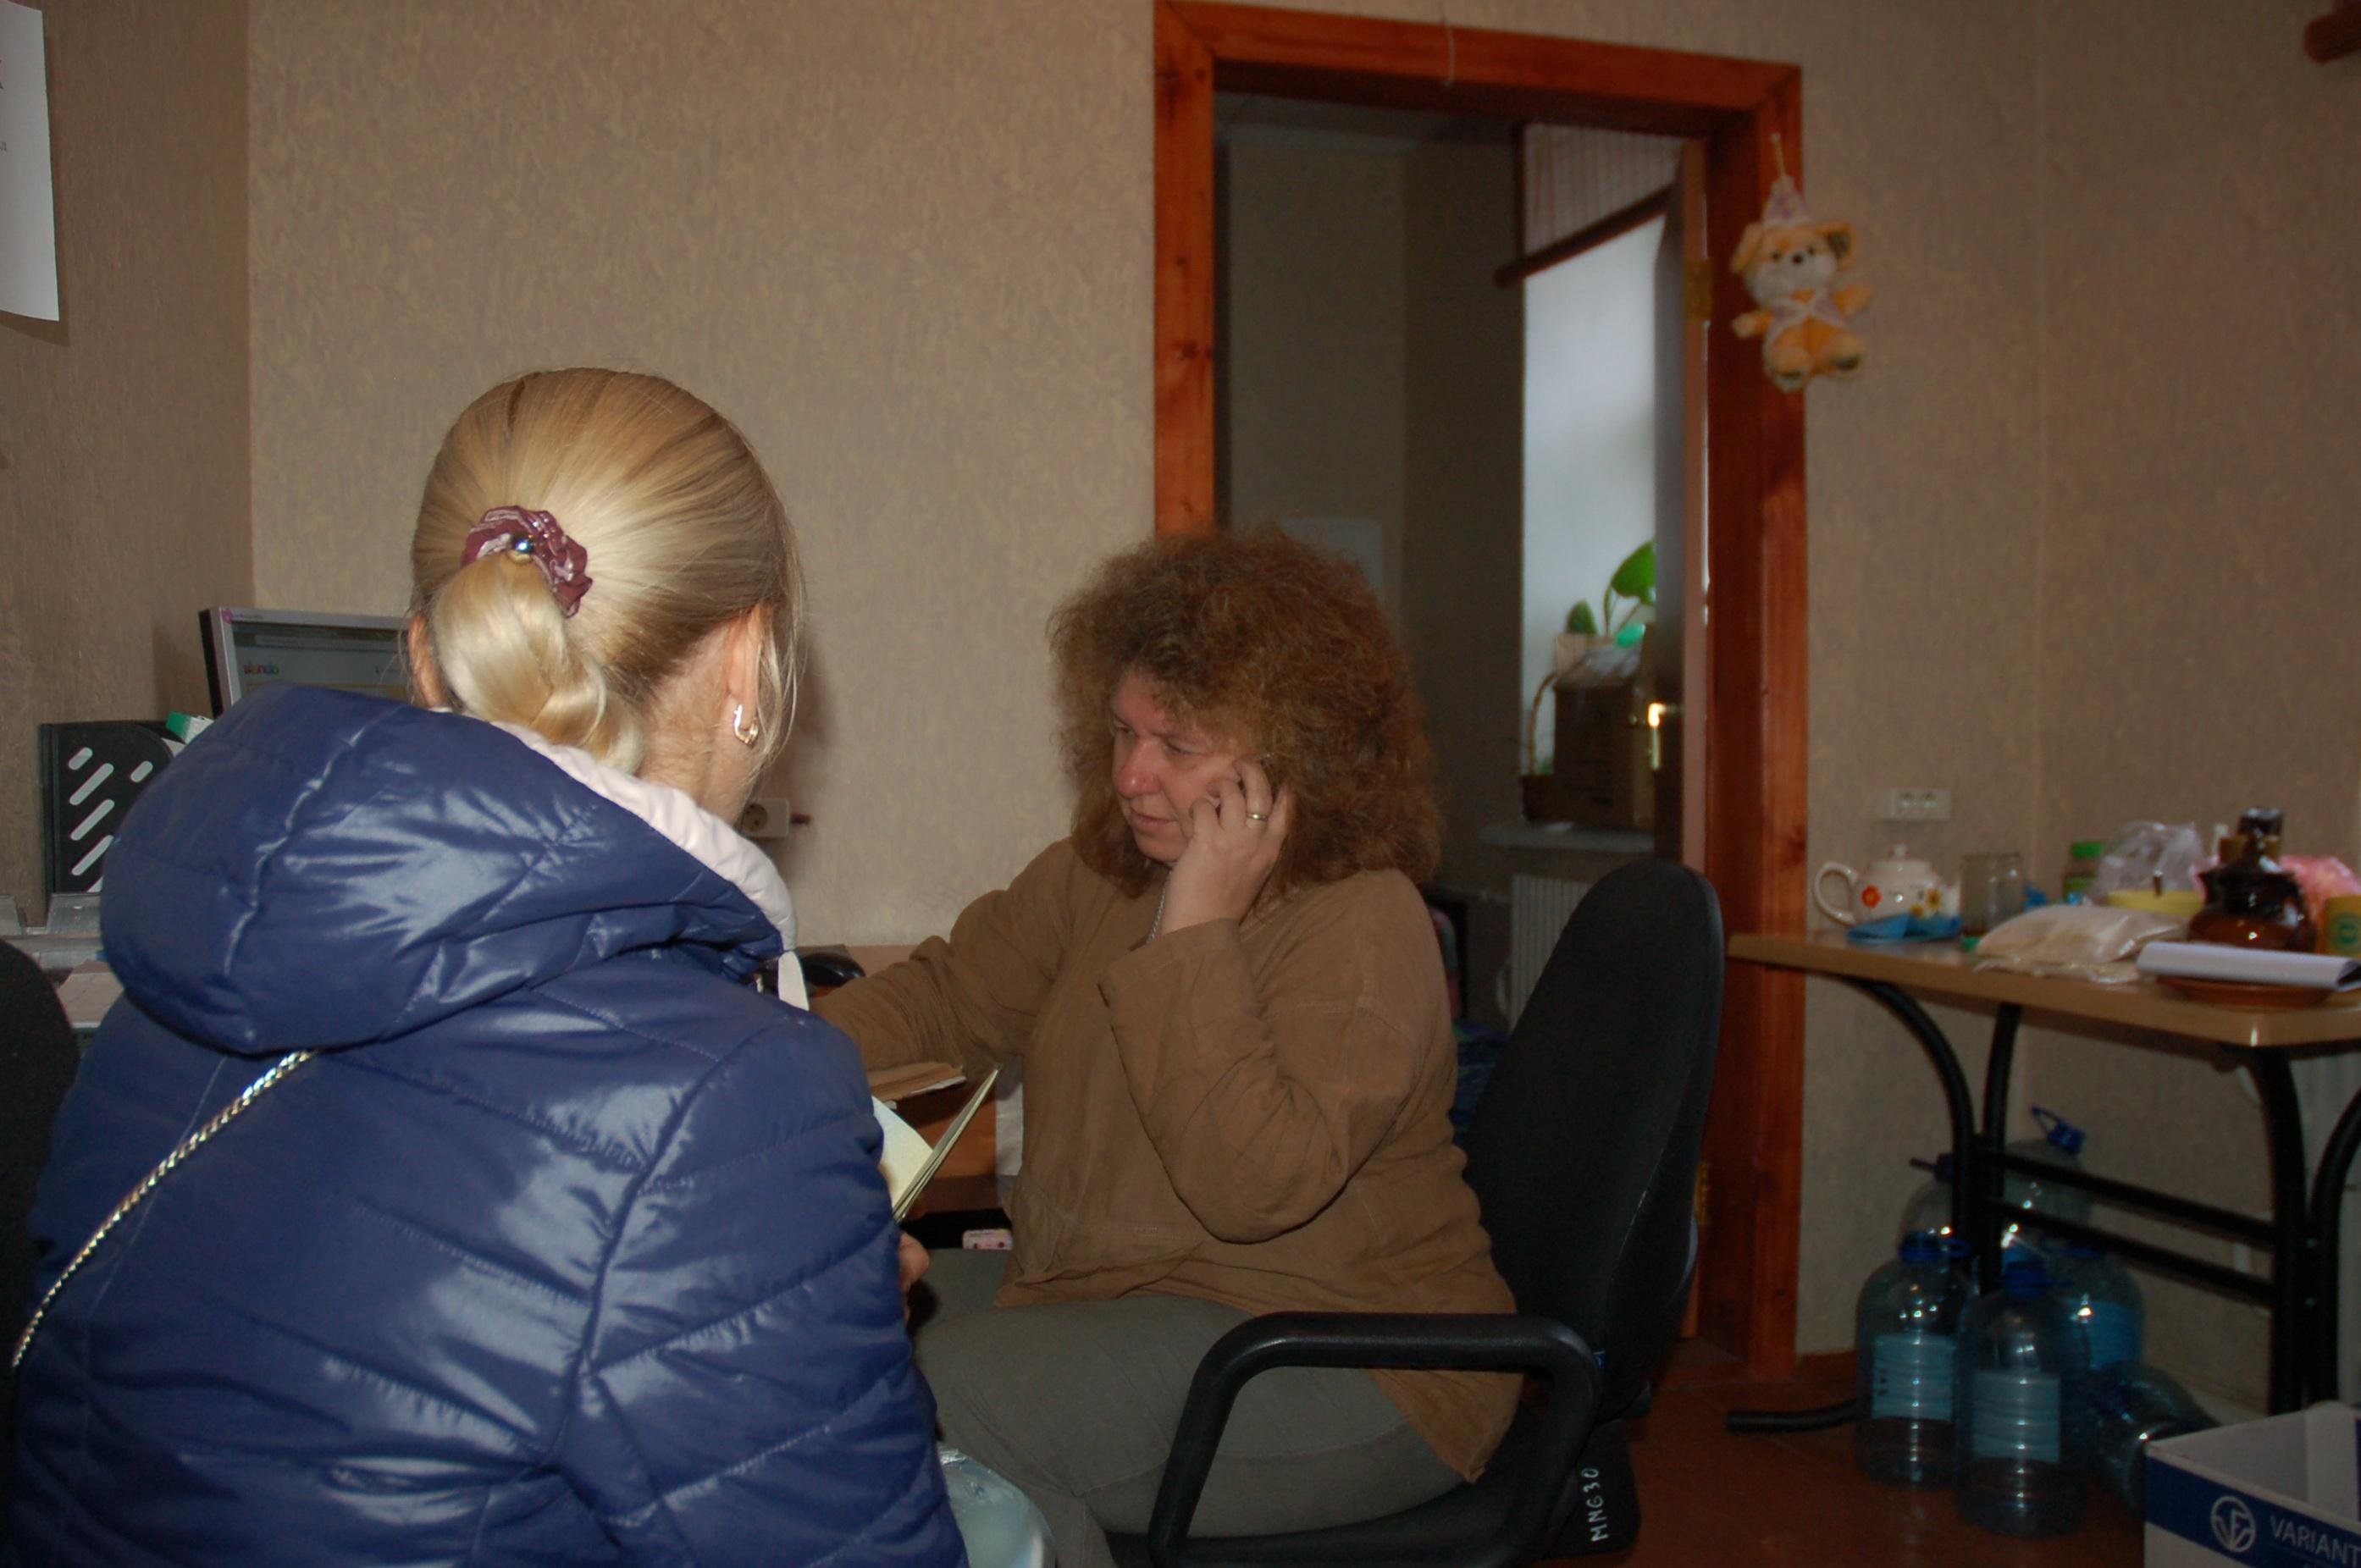 """Когда к волонтерам приходят за помощью, они записывают в специальную тетрадь все, что человеку необходимо. От жилья, до памперсов грудничку. В компьютере открыт файл """"жилье"""" - адреса людей готовых приютить у себя переселенцев"""